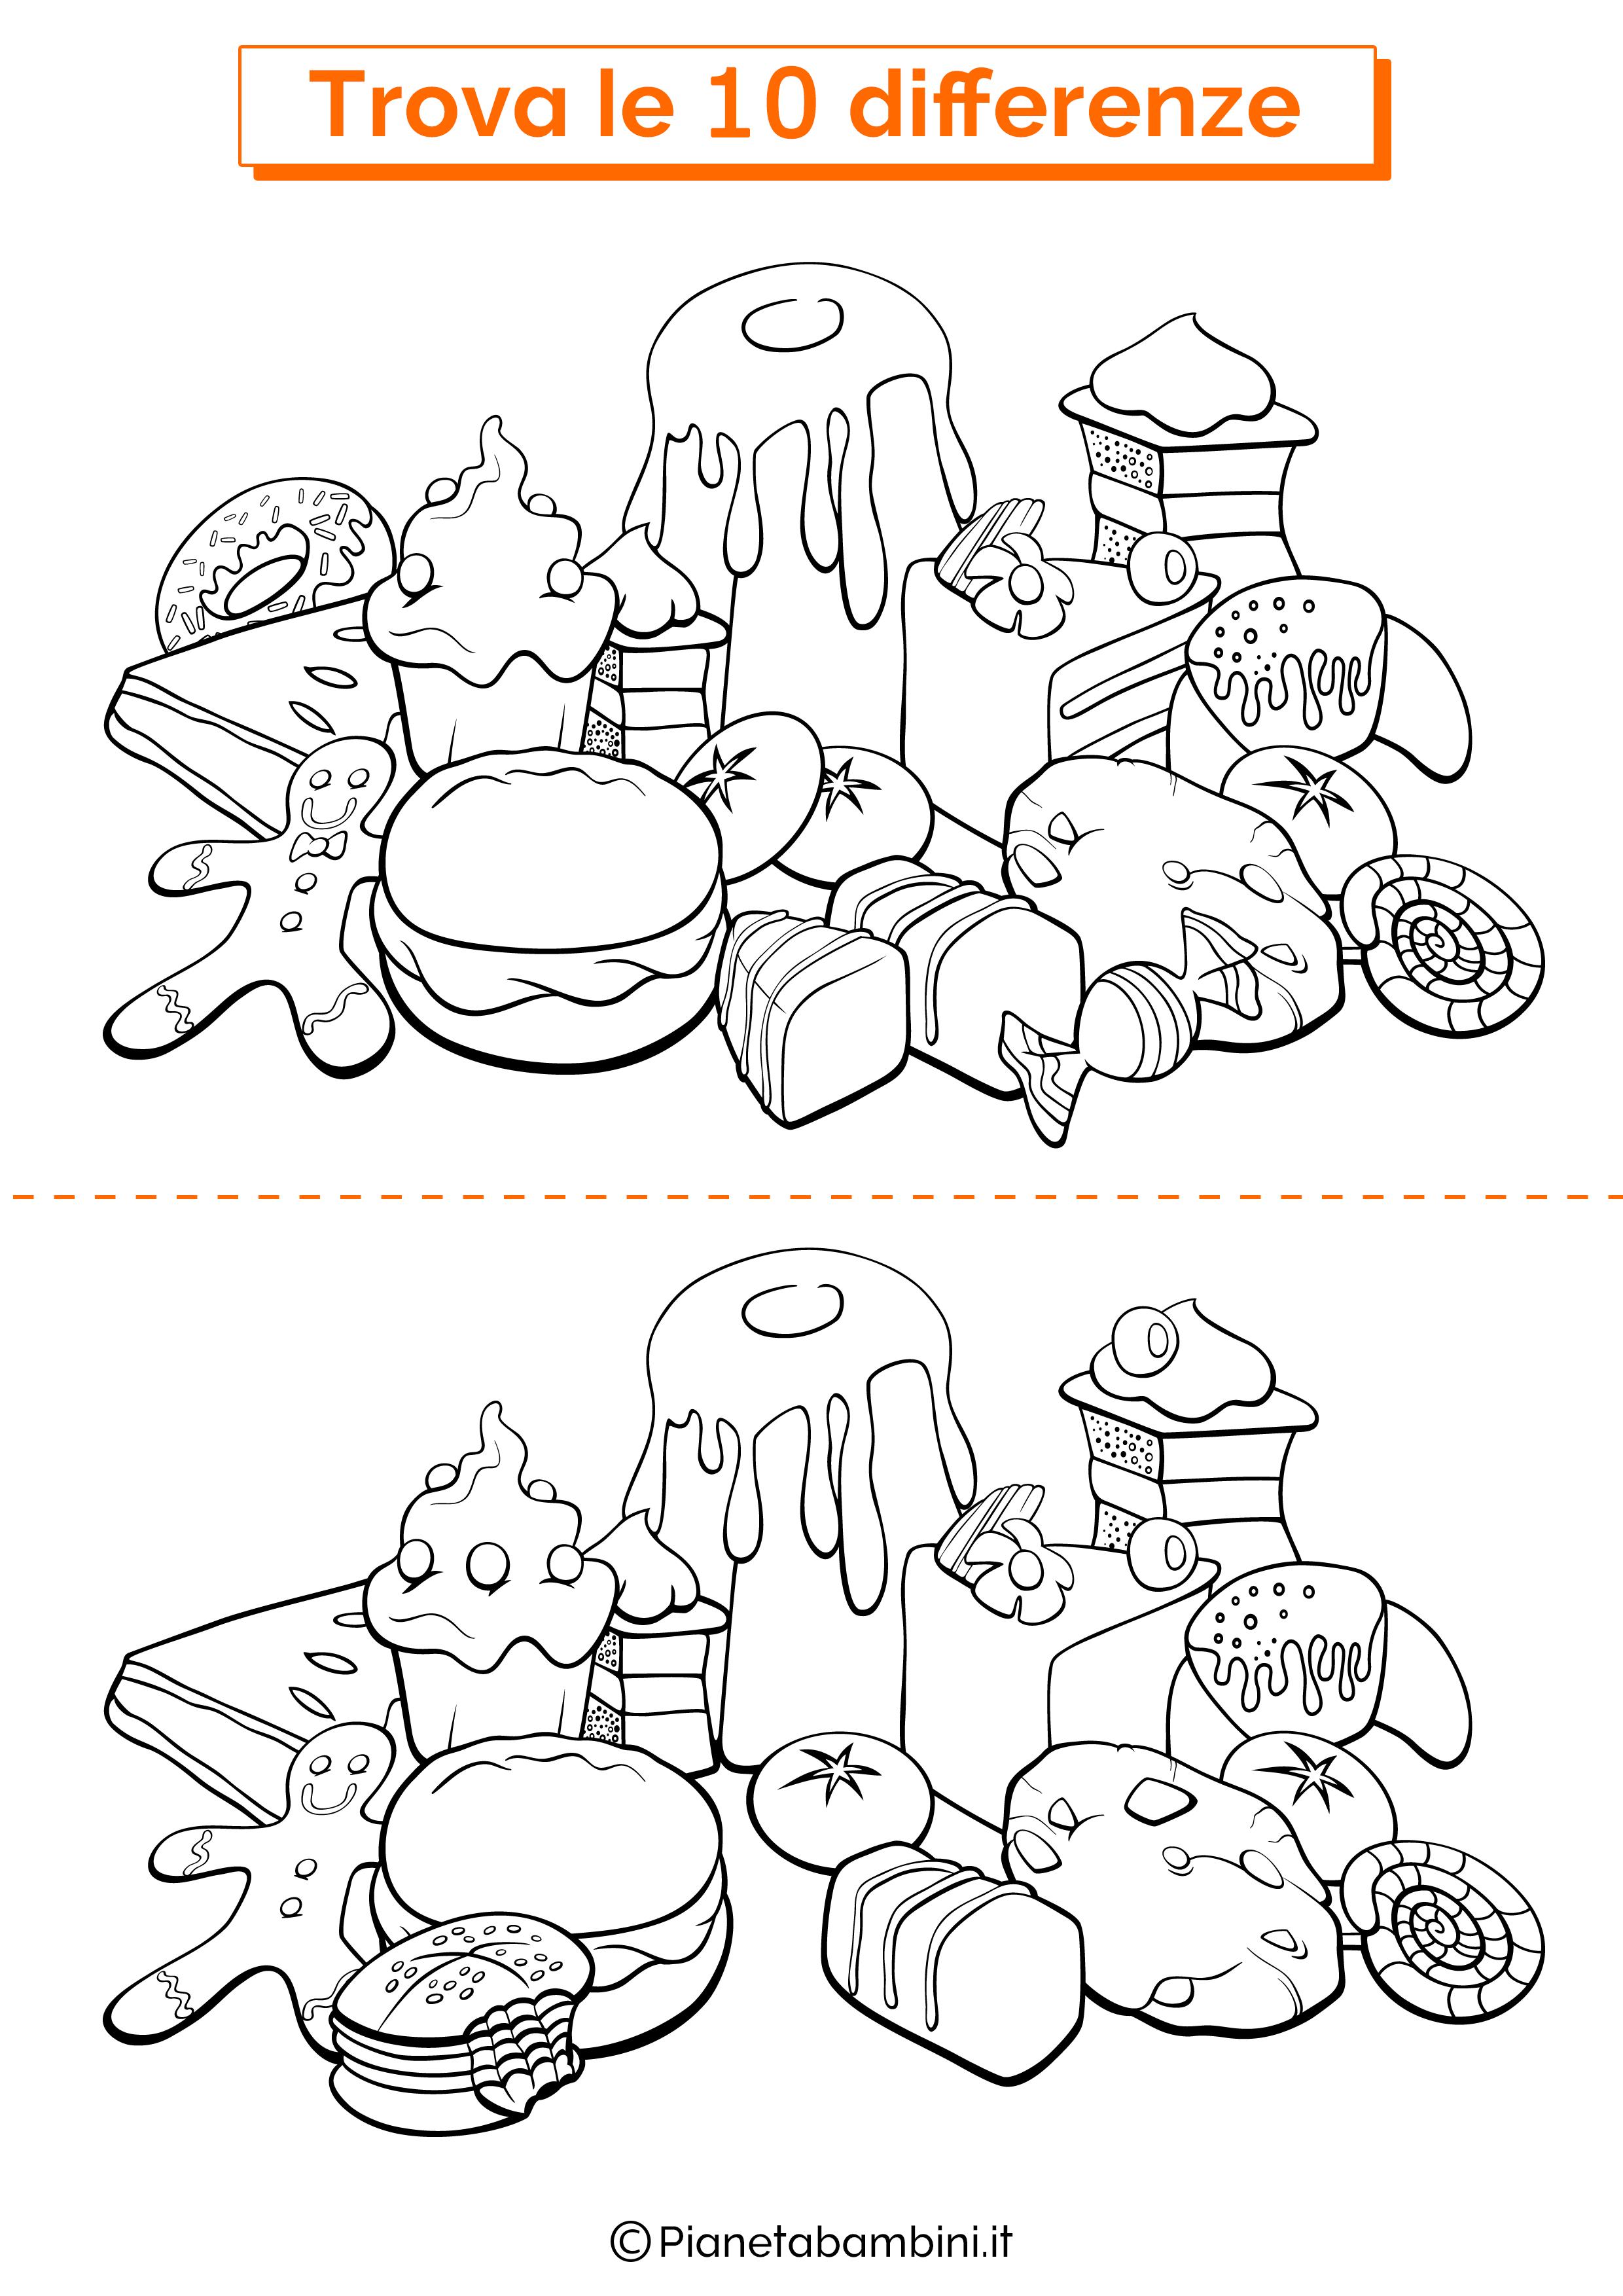 Disegno trova 10 differenze dolci